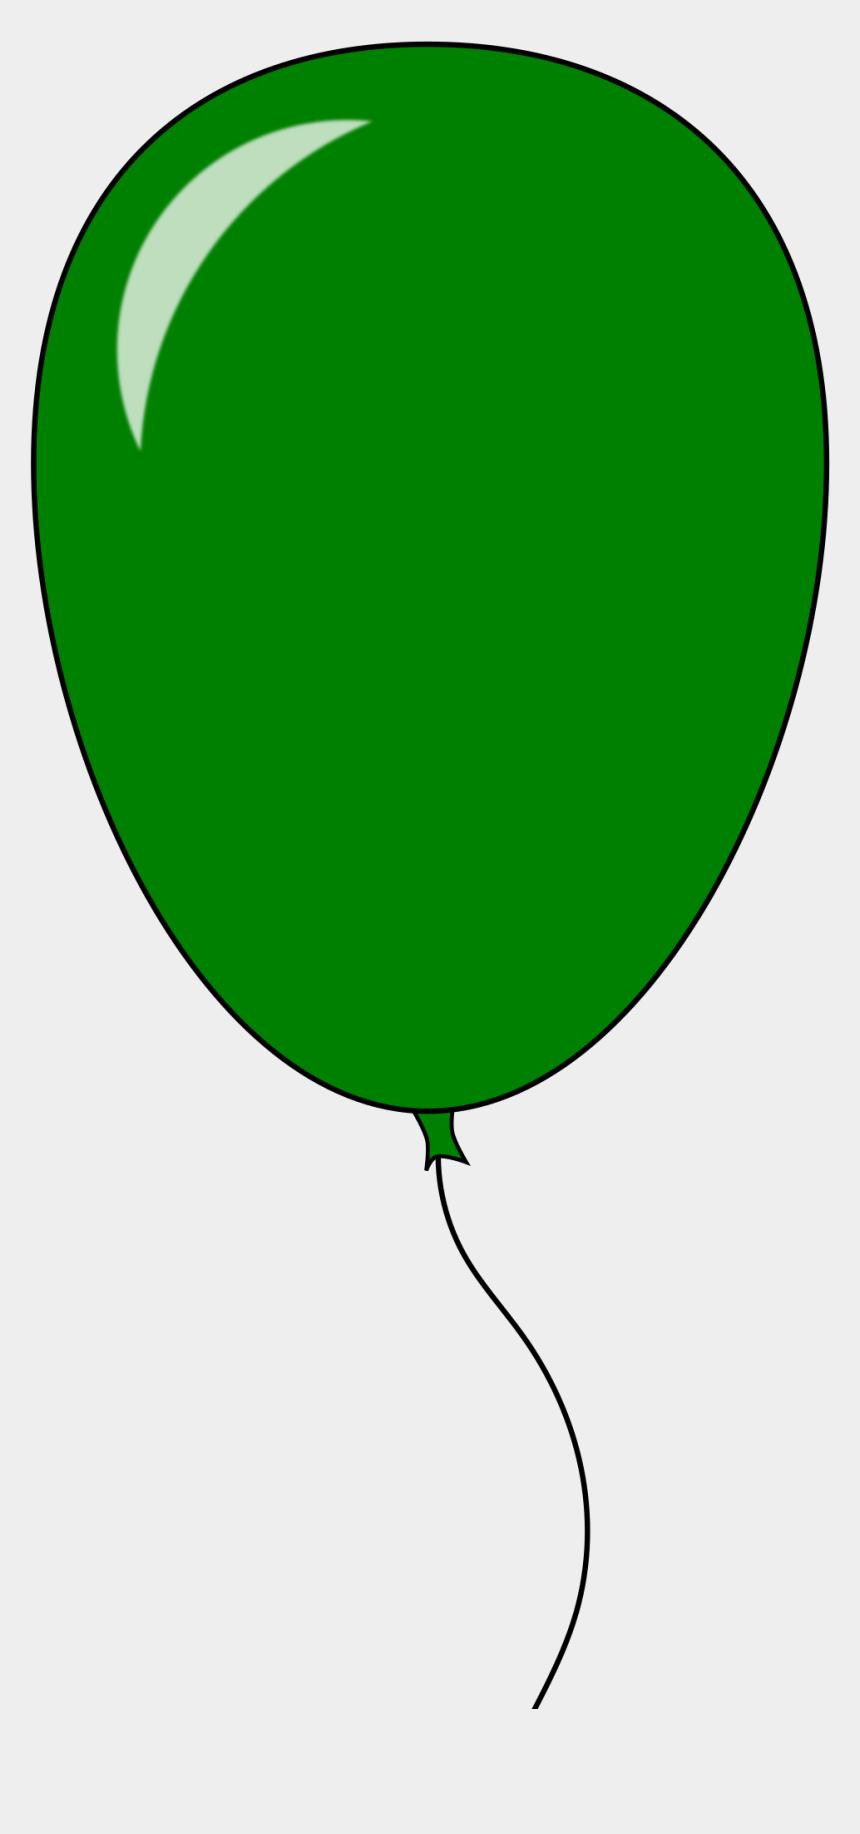 clip art balloons, Cartoons - Balloons Clipart String - Green Balloon Clip Art